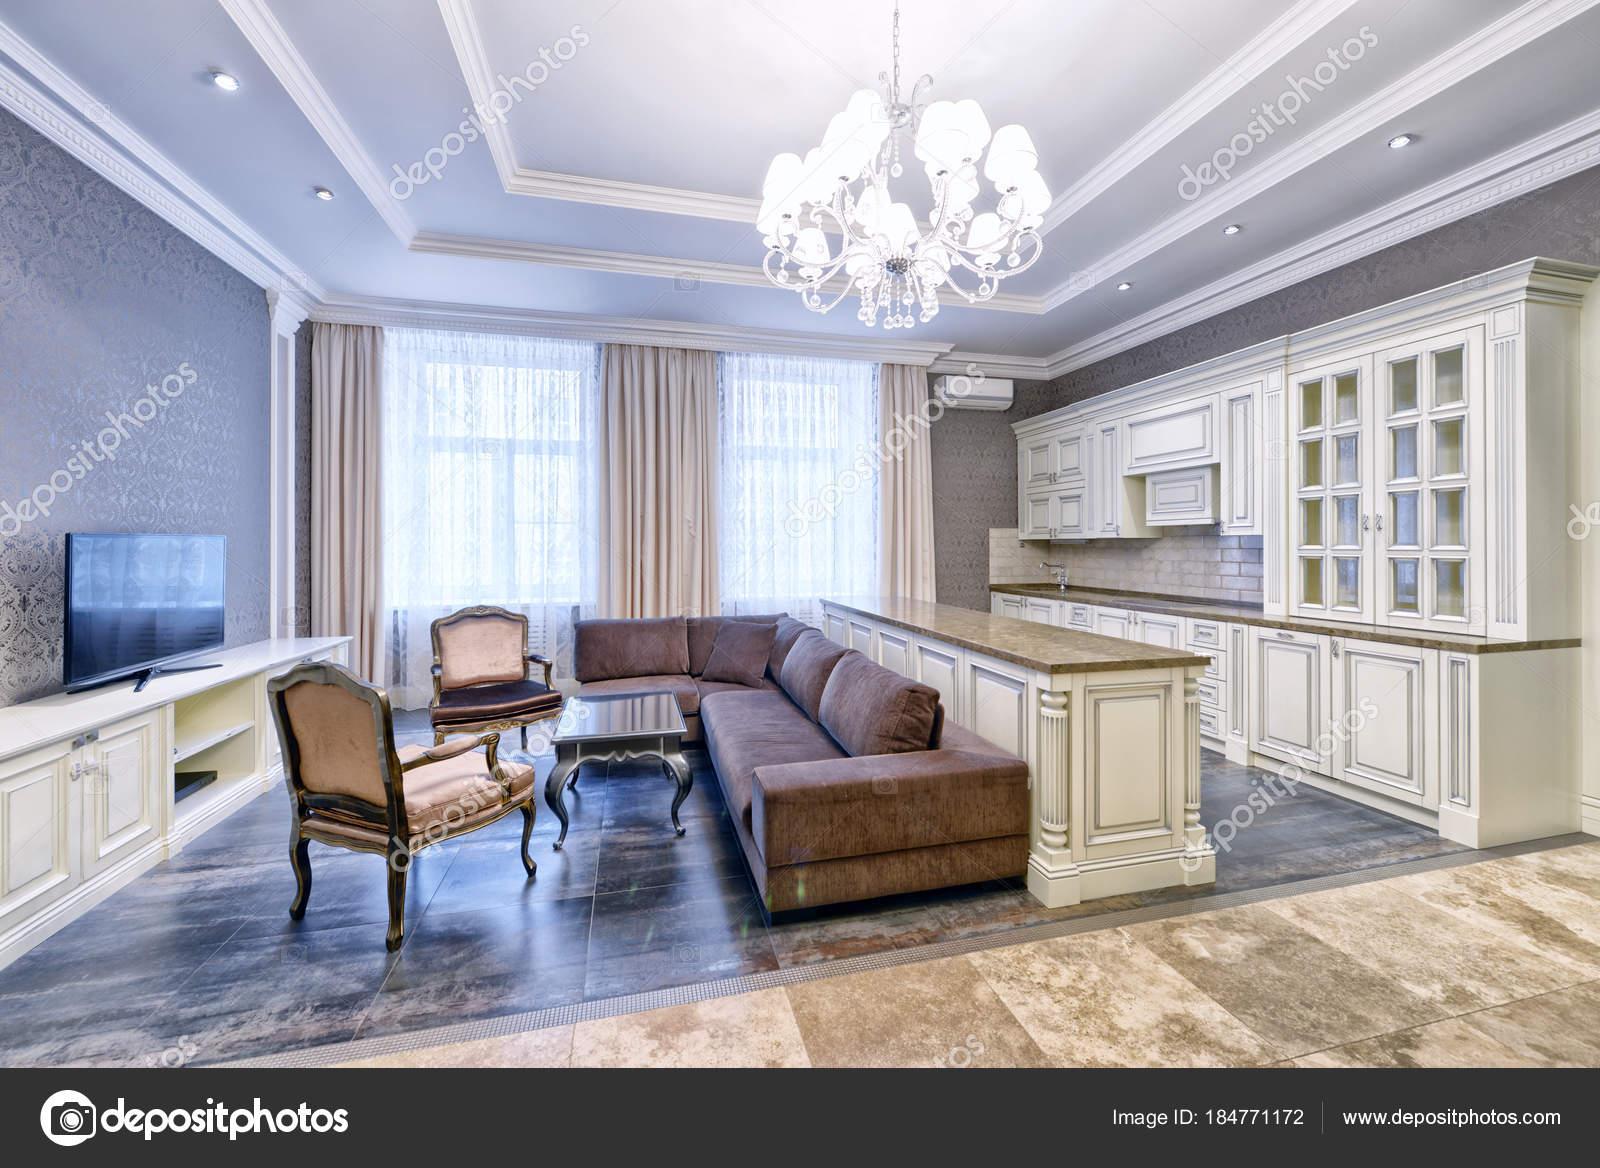 Modernes Design Innenraum Mit Weißen Küche Einem Luxusapartment ...